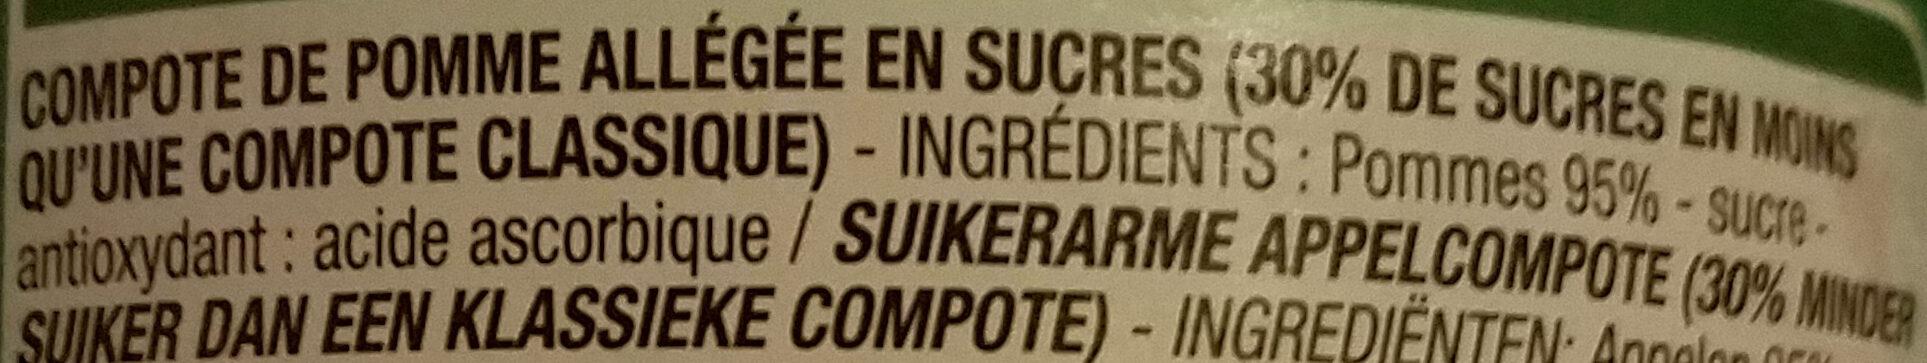 Compote Pomme Cora Allegee En Sucres - Ingrédients - fr